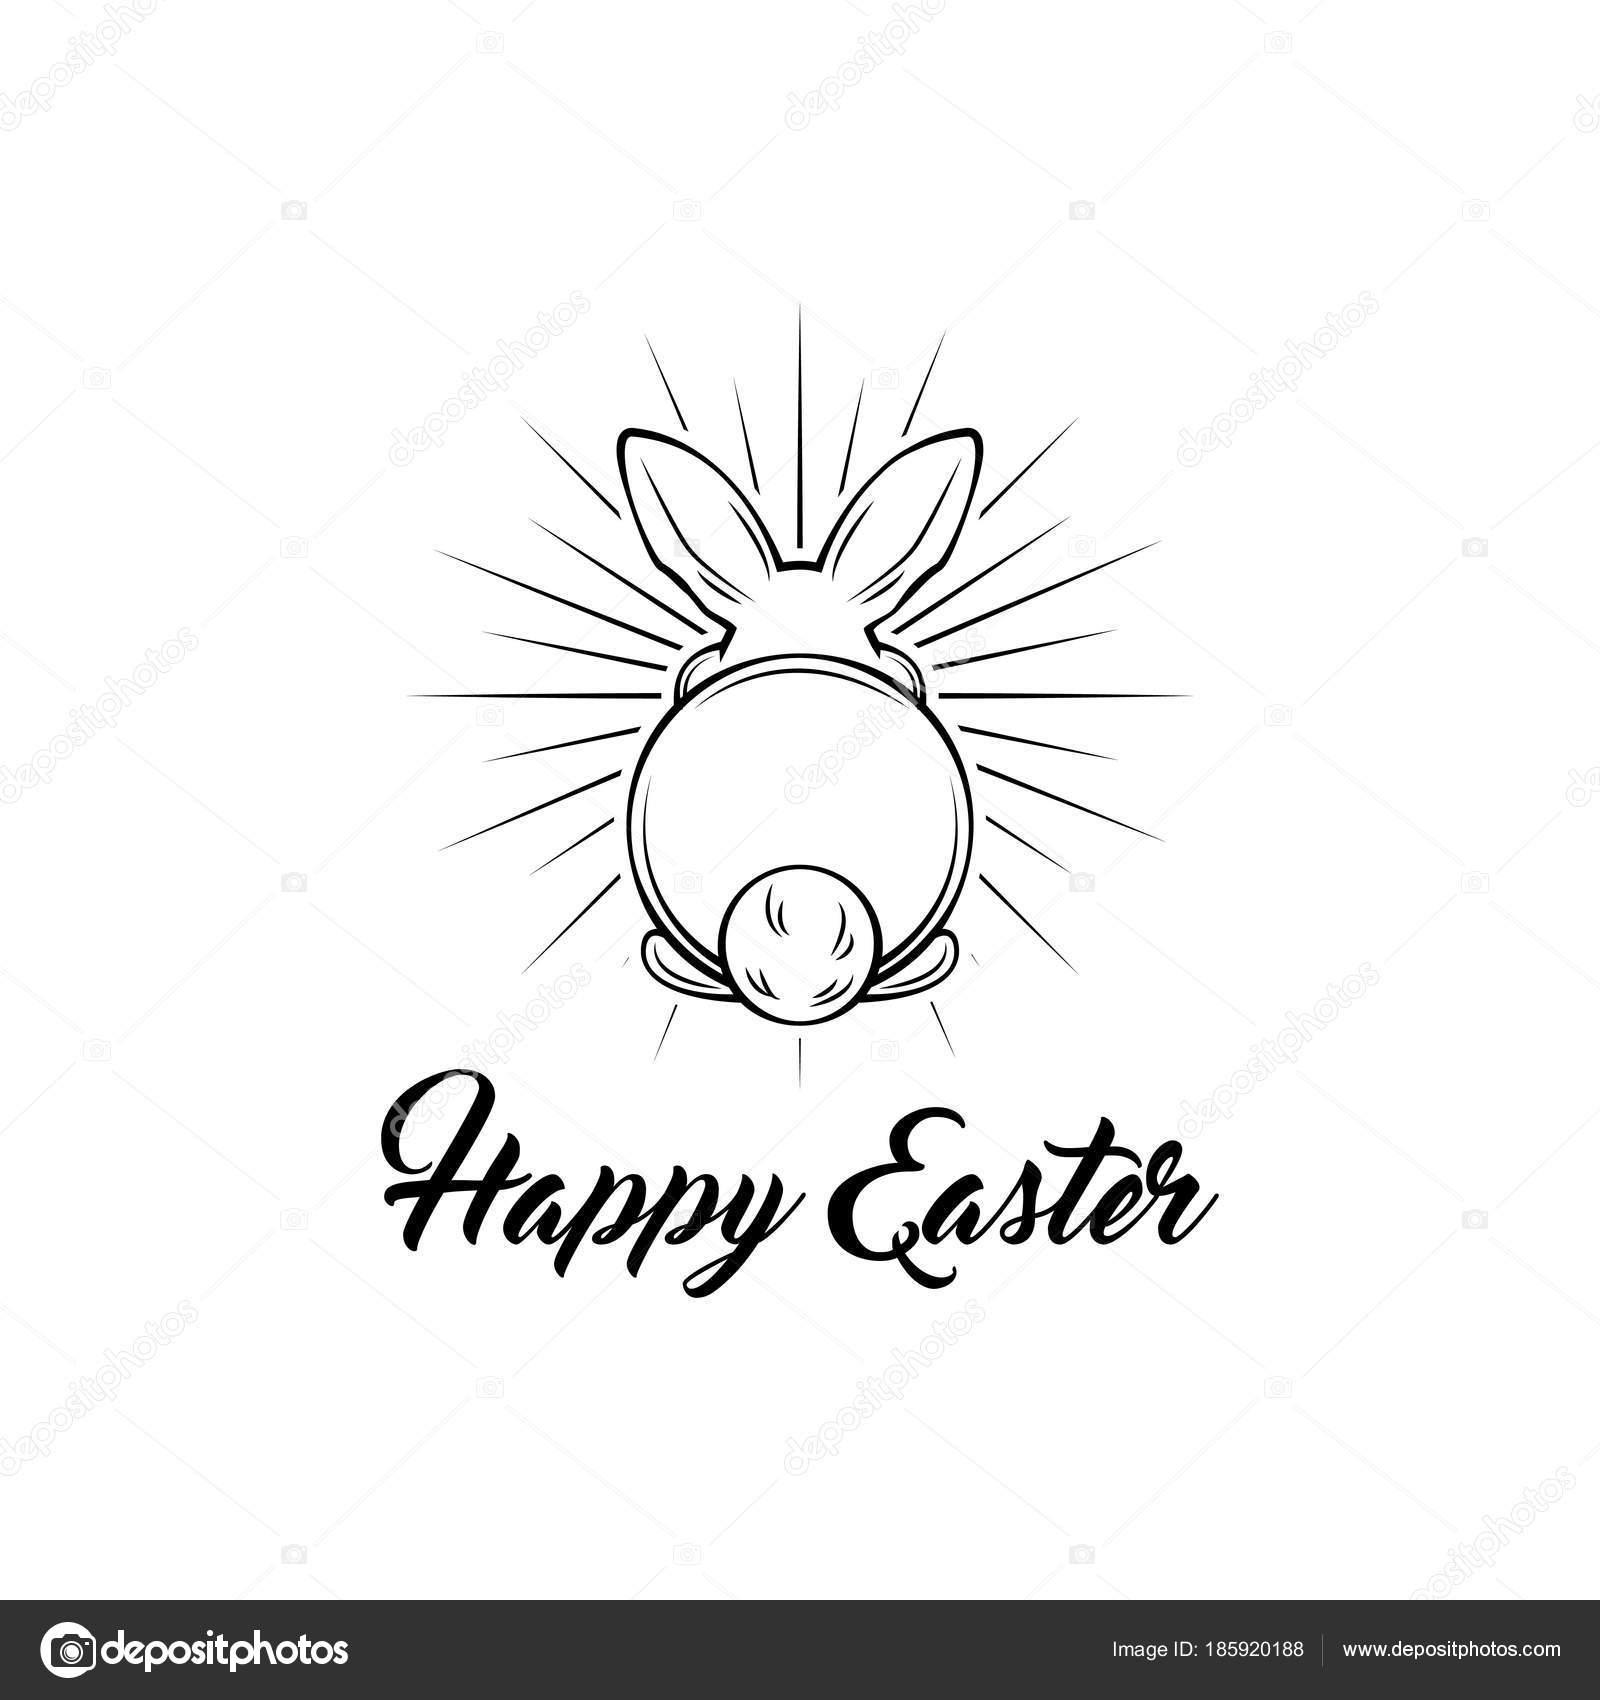 Frohe Ostern Schriftzug Kartendesign mit Bunny im Balken. Vektor ...